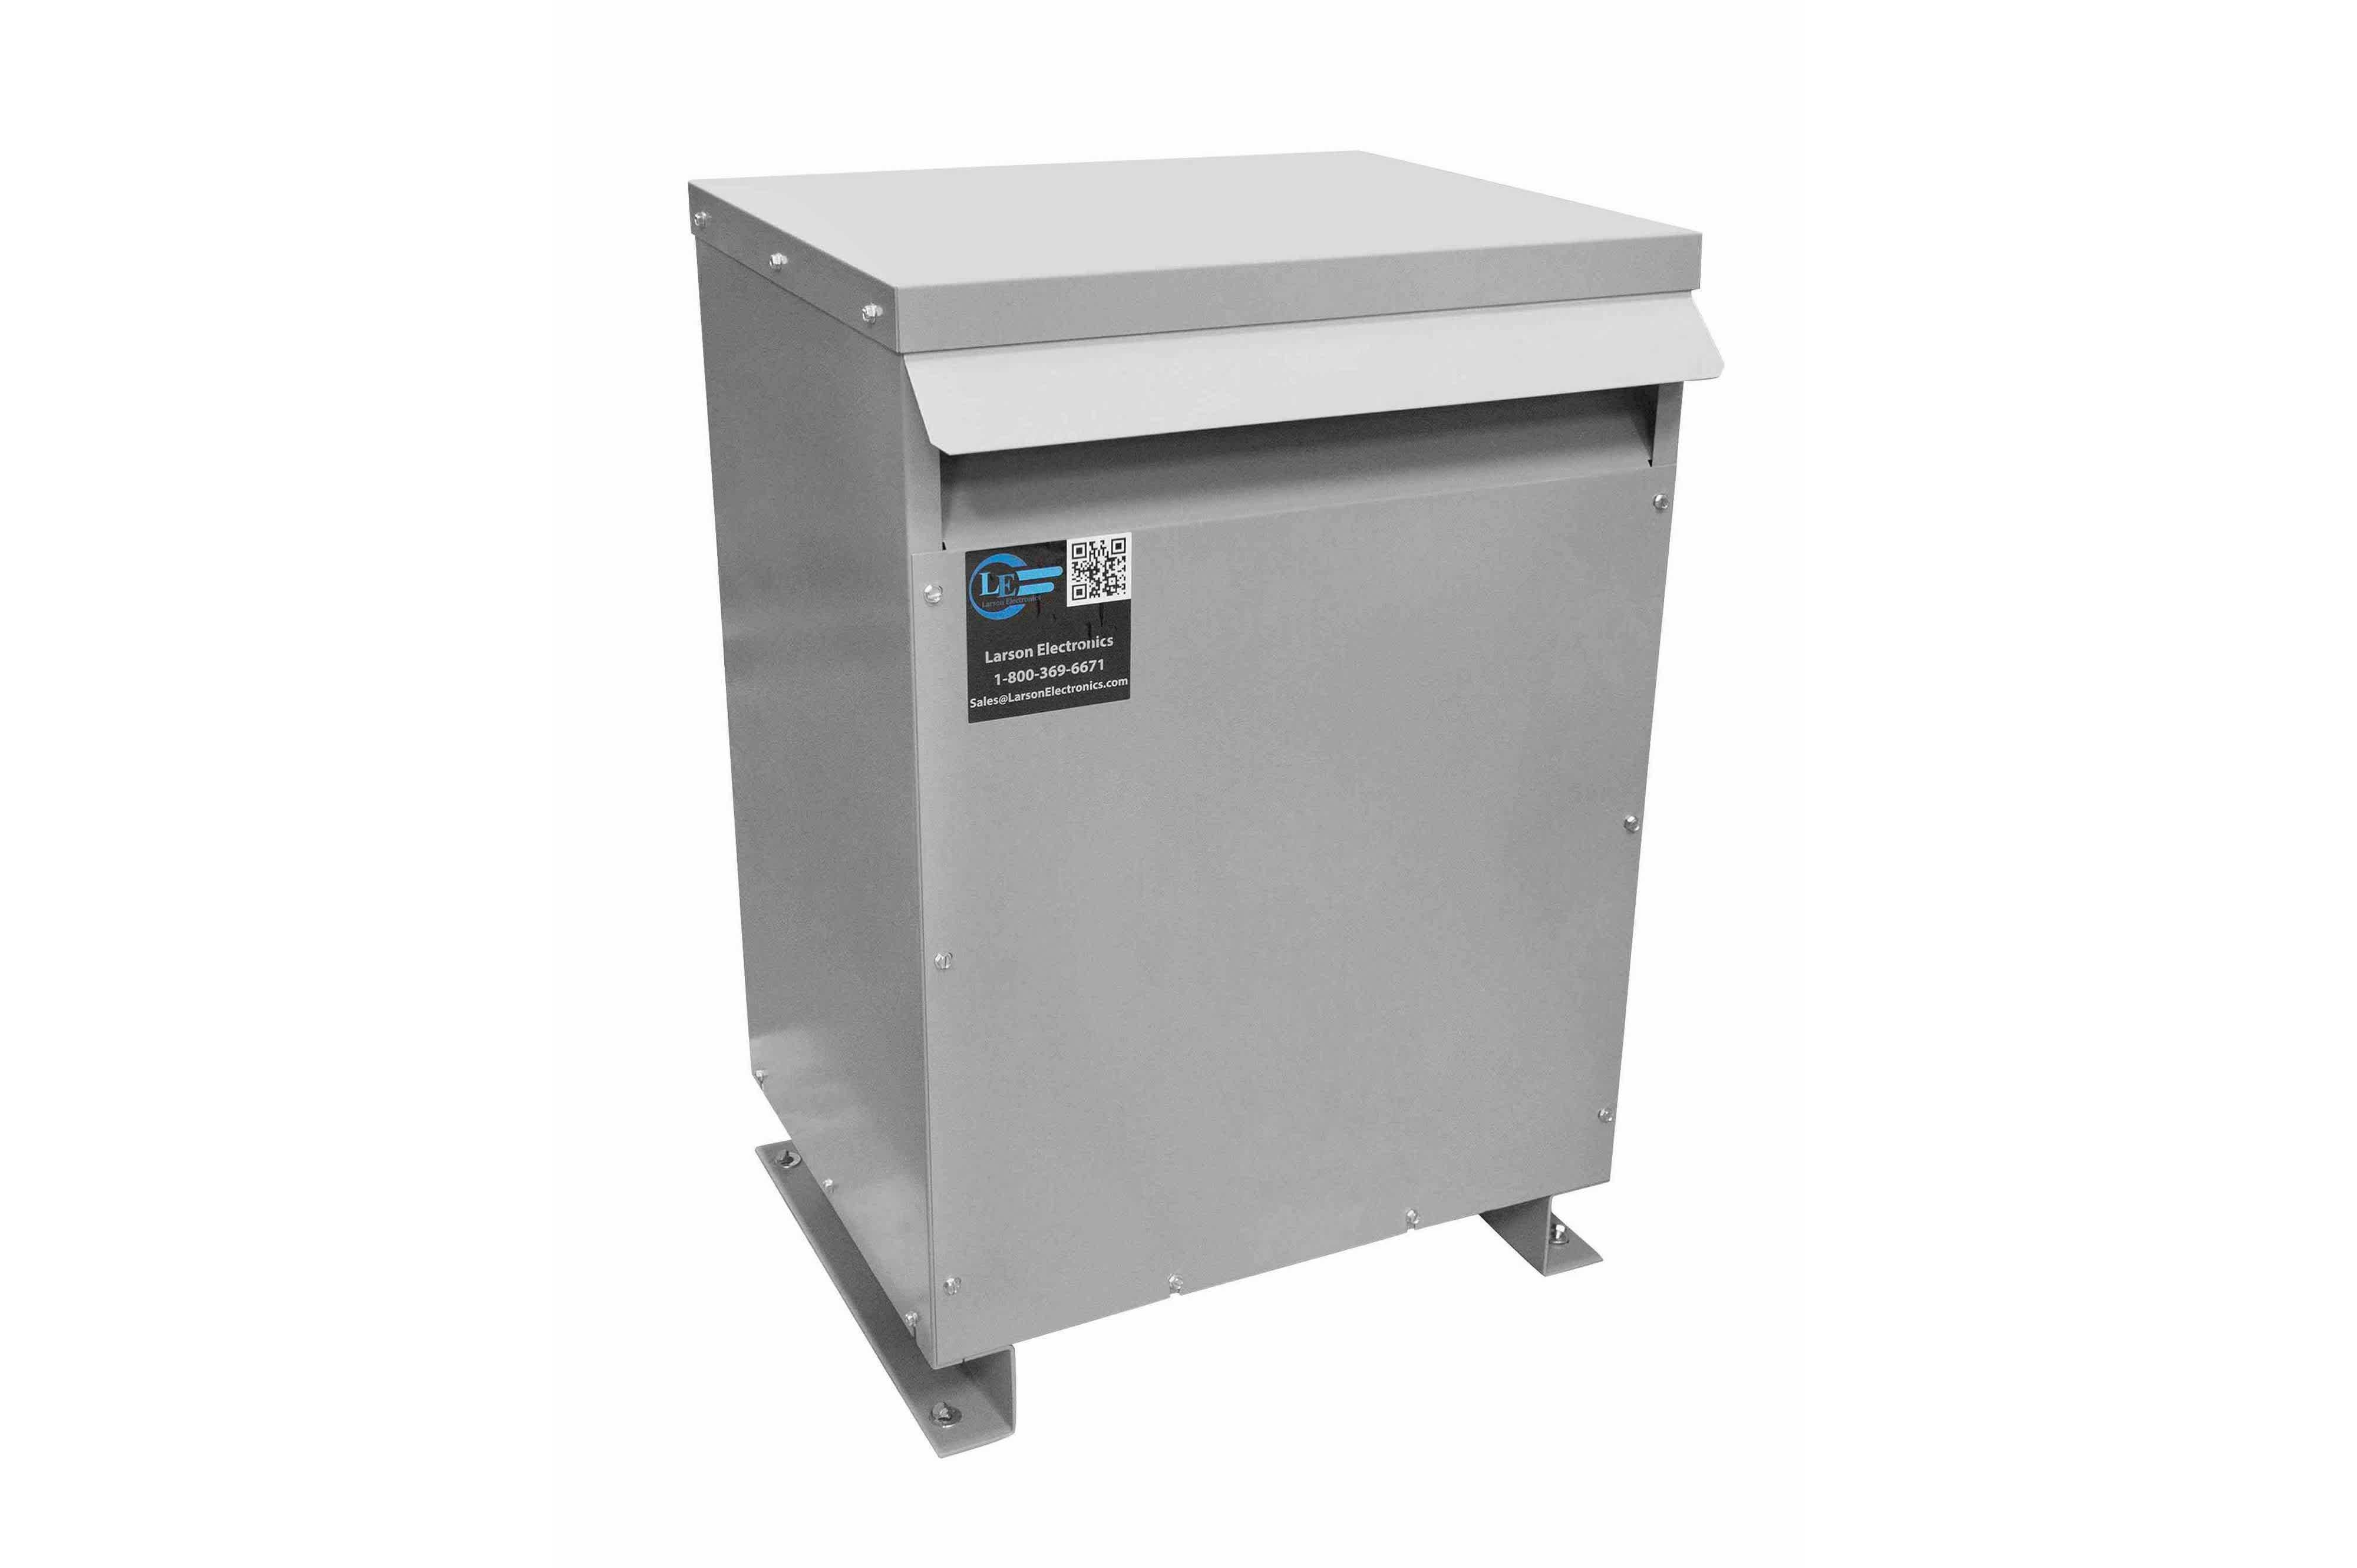 11 kVA 3PH Isolation Transformer, 480V Delta Primary, 415V Delta Secondary, N3R, Ventilated, 60 Hz